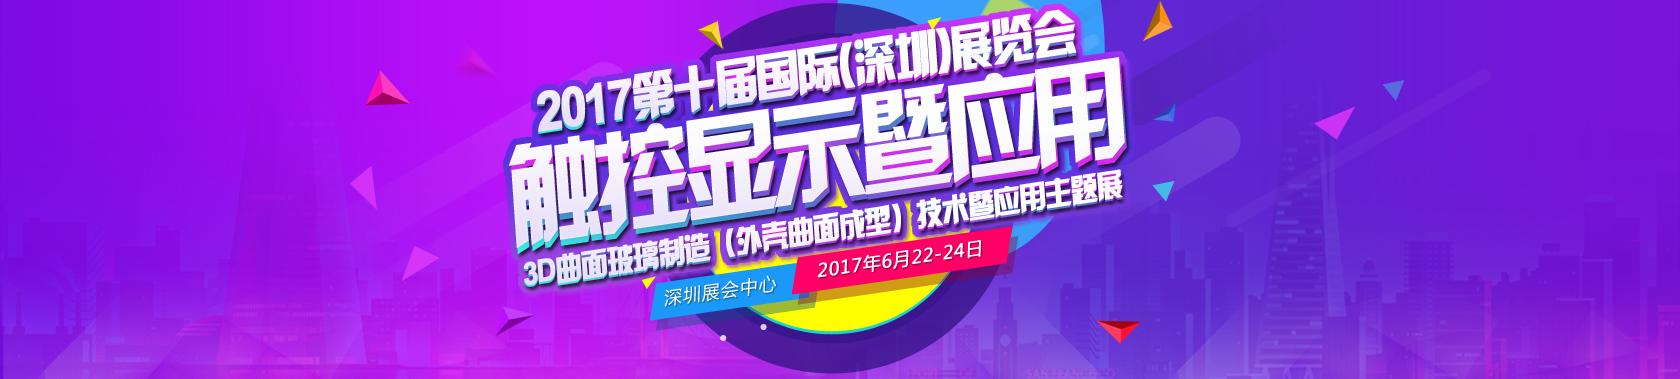 2017深圳国际智能制造展